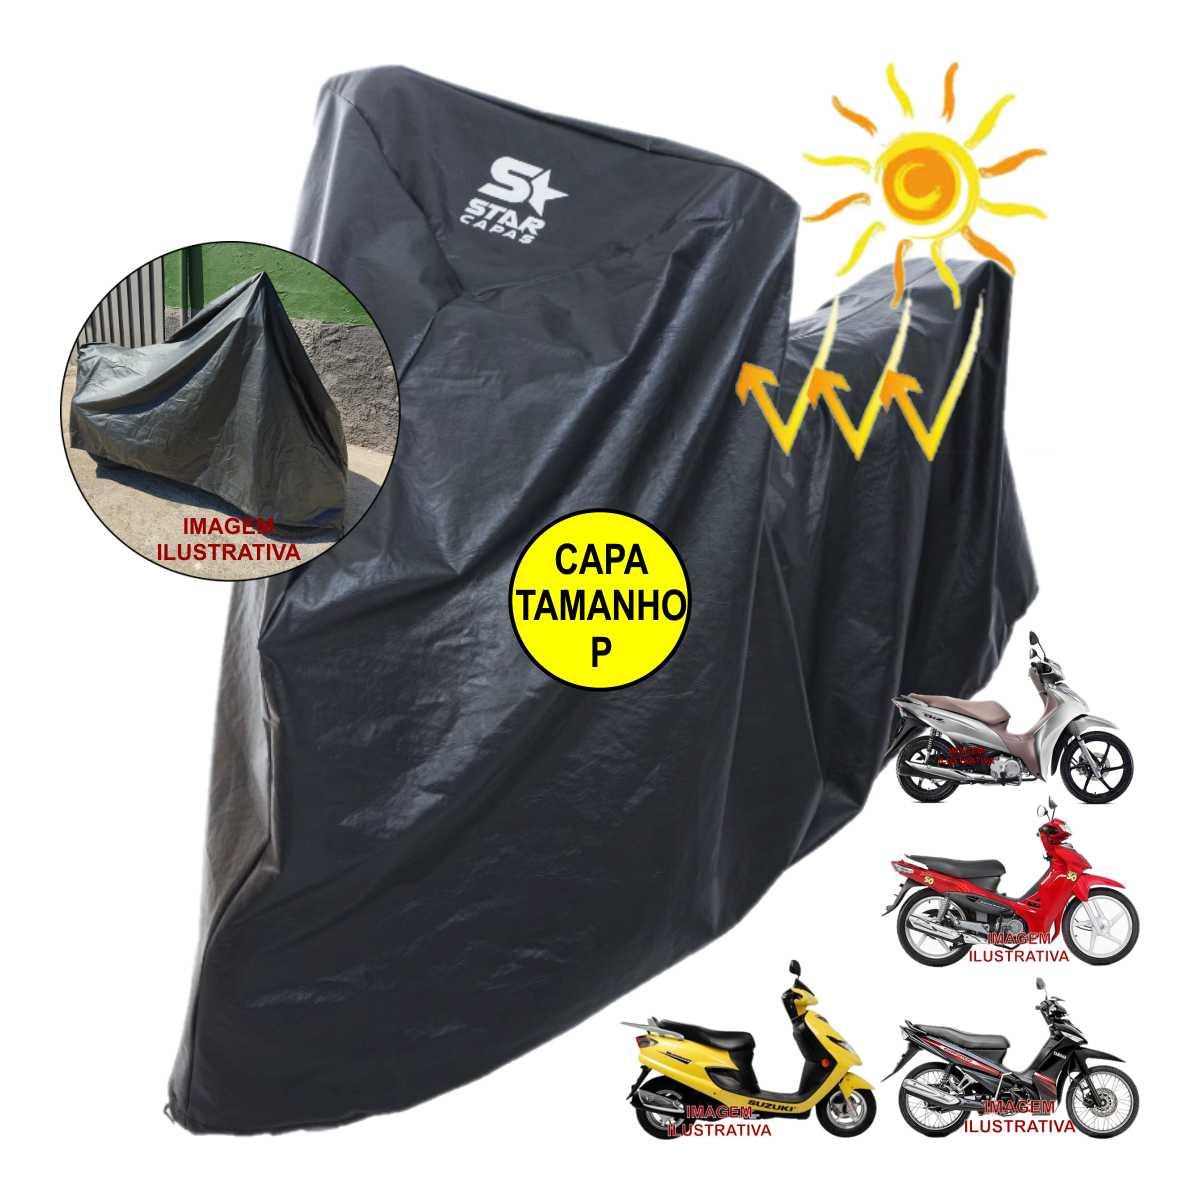 CAPA TÉRMICA COBRIR MOTO IMPERMEÁVEL COM FORRO PROTEGE PINTURA PVC LUXO MAIS GROSSA RESISTENTE